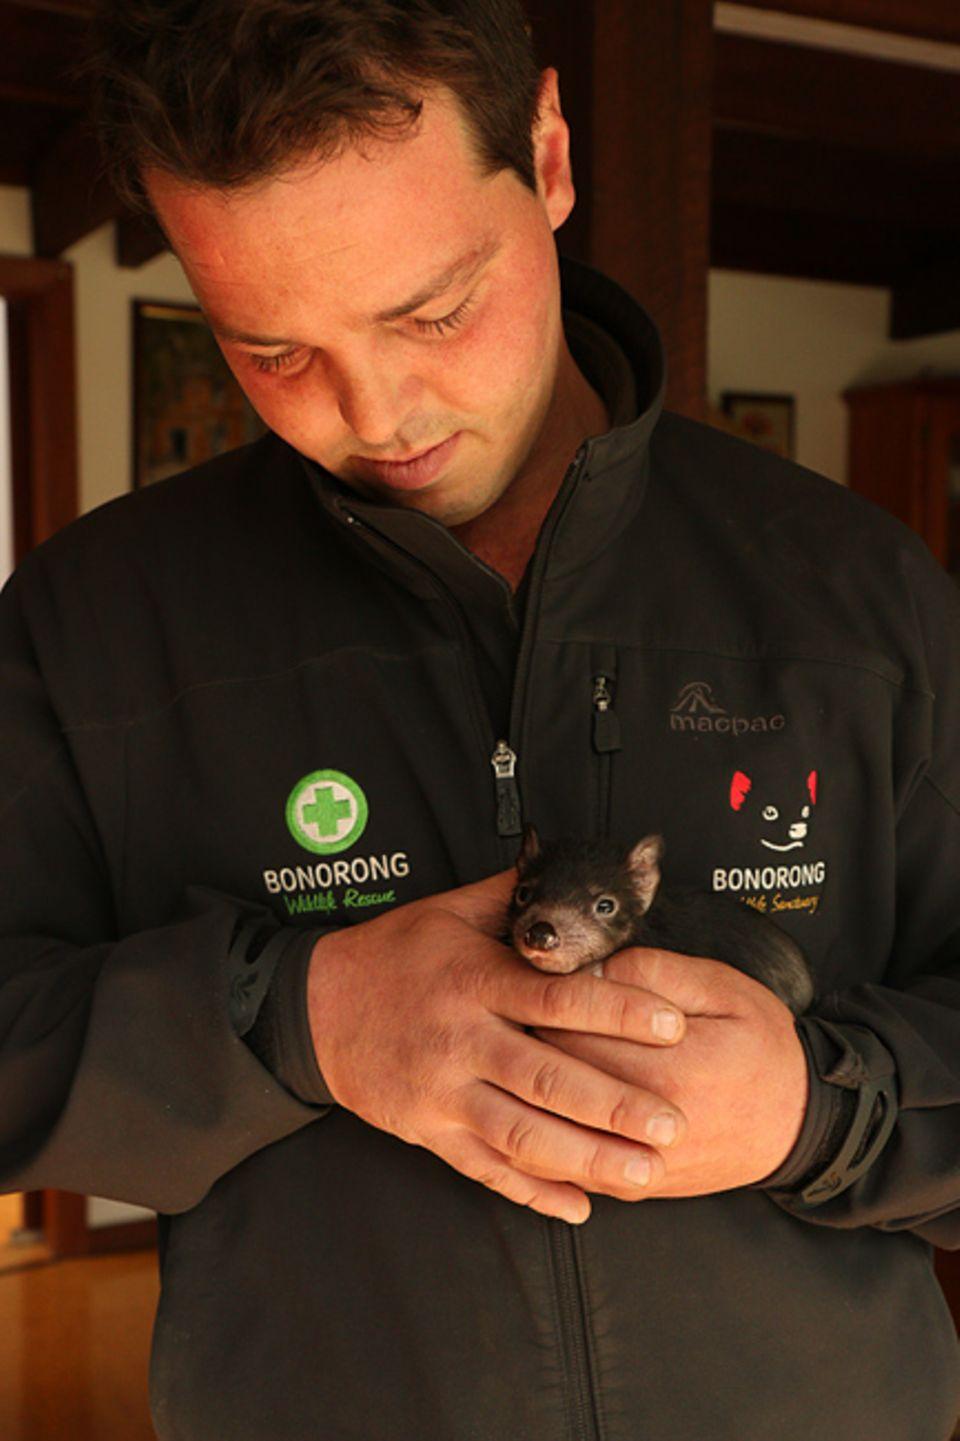 Greg ist der jüngste Tierparkdirektor Australiens und leitet noch dazu ein Forschungsprojekt im einzigen Gebiet Tasmaniens, in dem noch gesunde Teufel leben